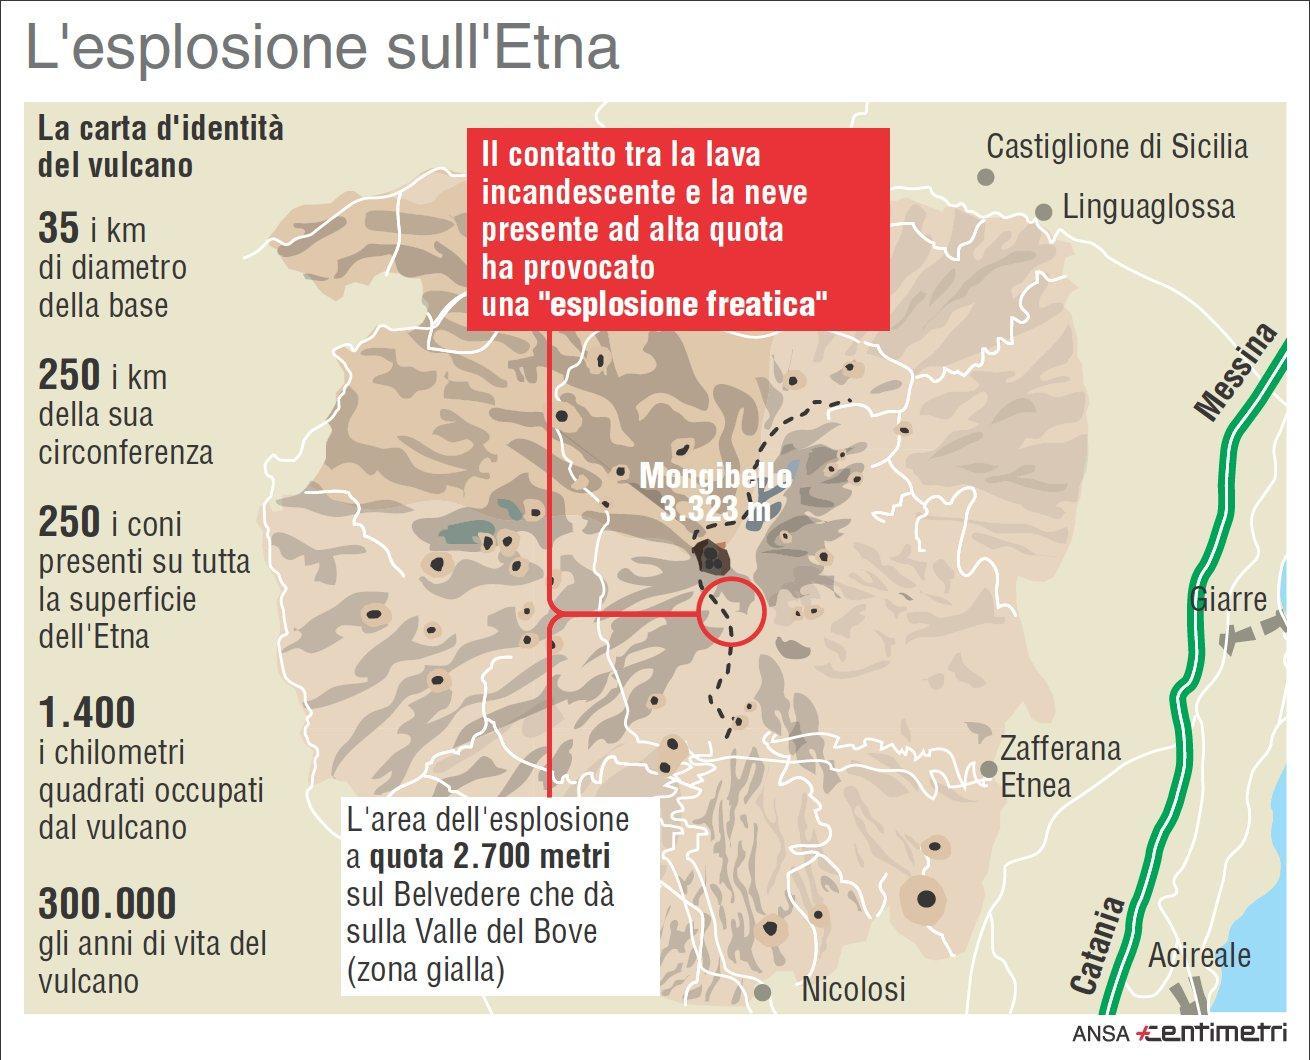 Etna, la carta d identità del vulcano siciliano